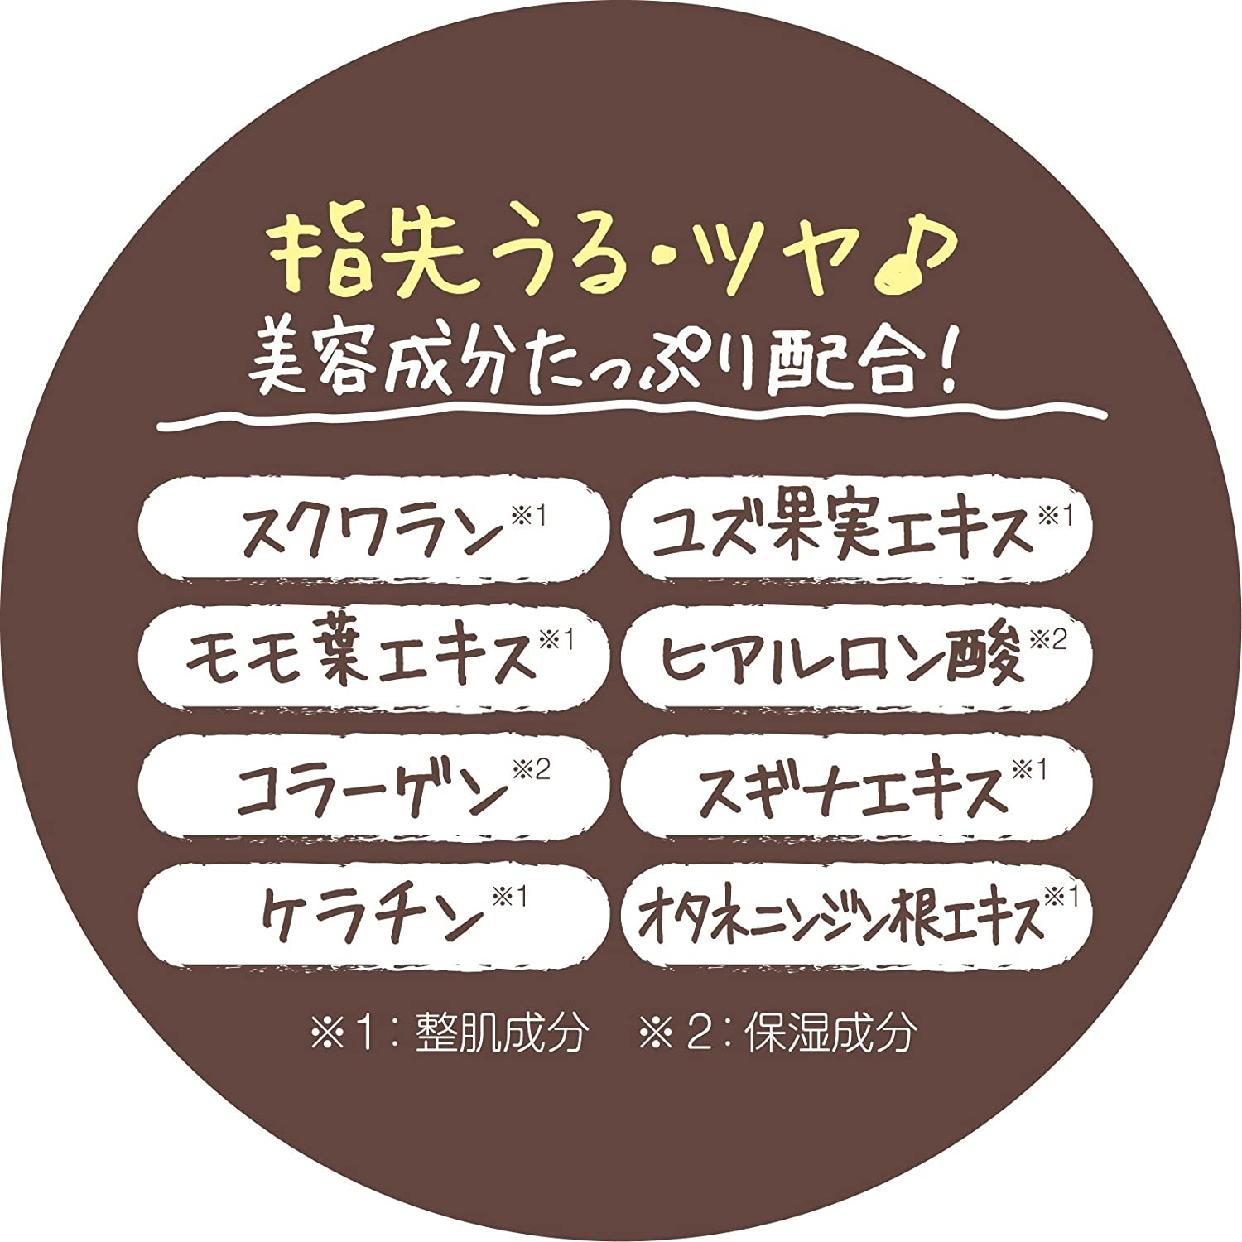 素数 パラフィンガーモイストパックの商品画像7